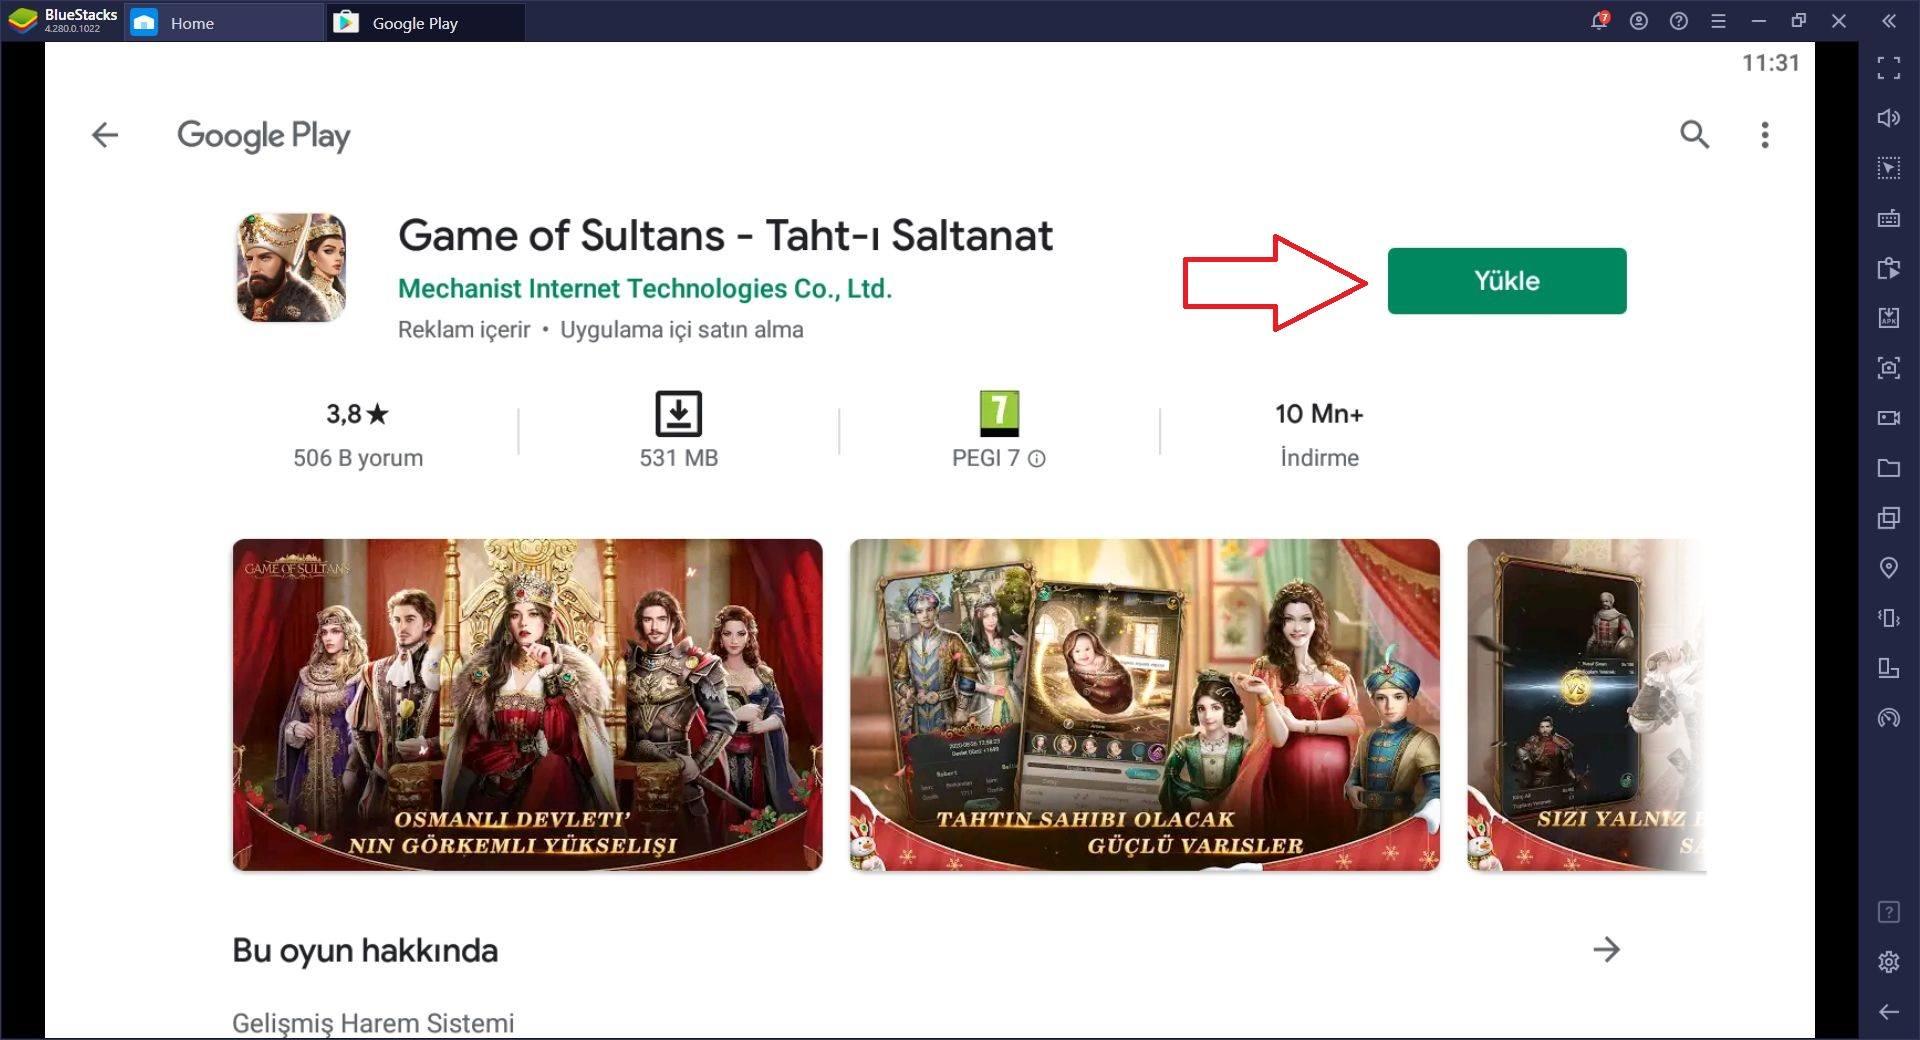 Game of Sultans Oyununu Bilgisayarda Oynayın